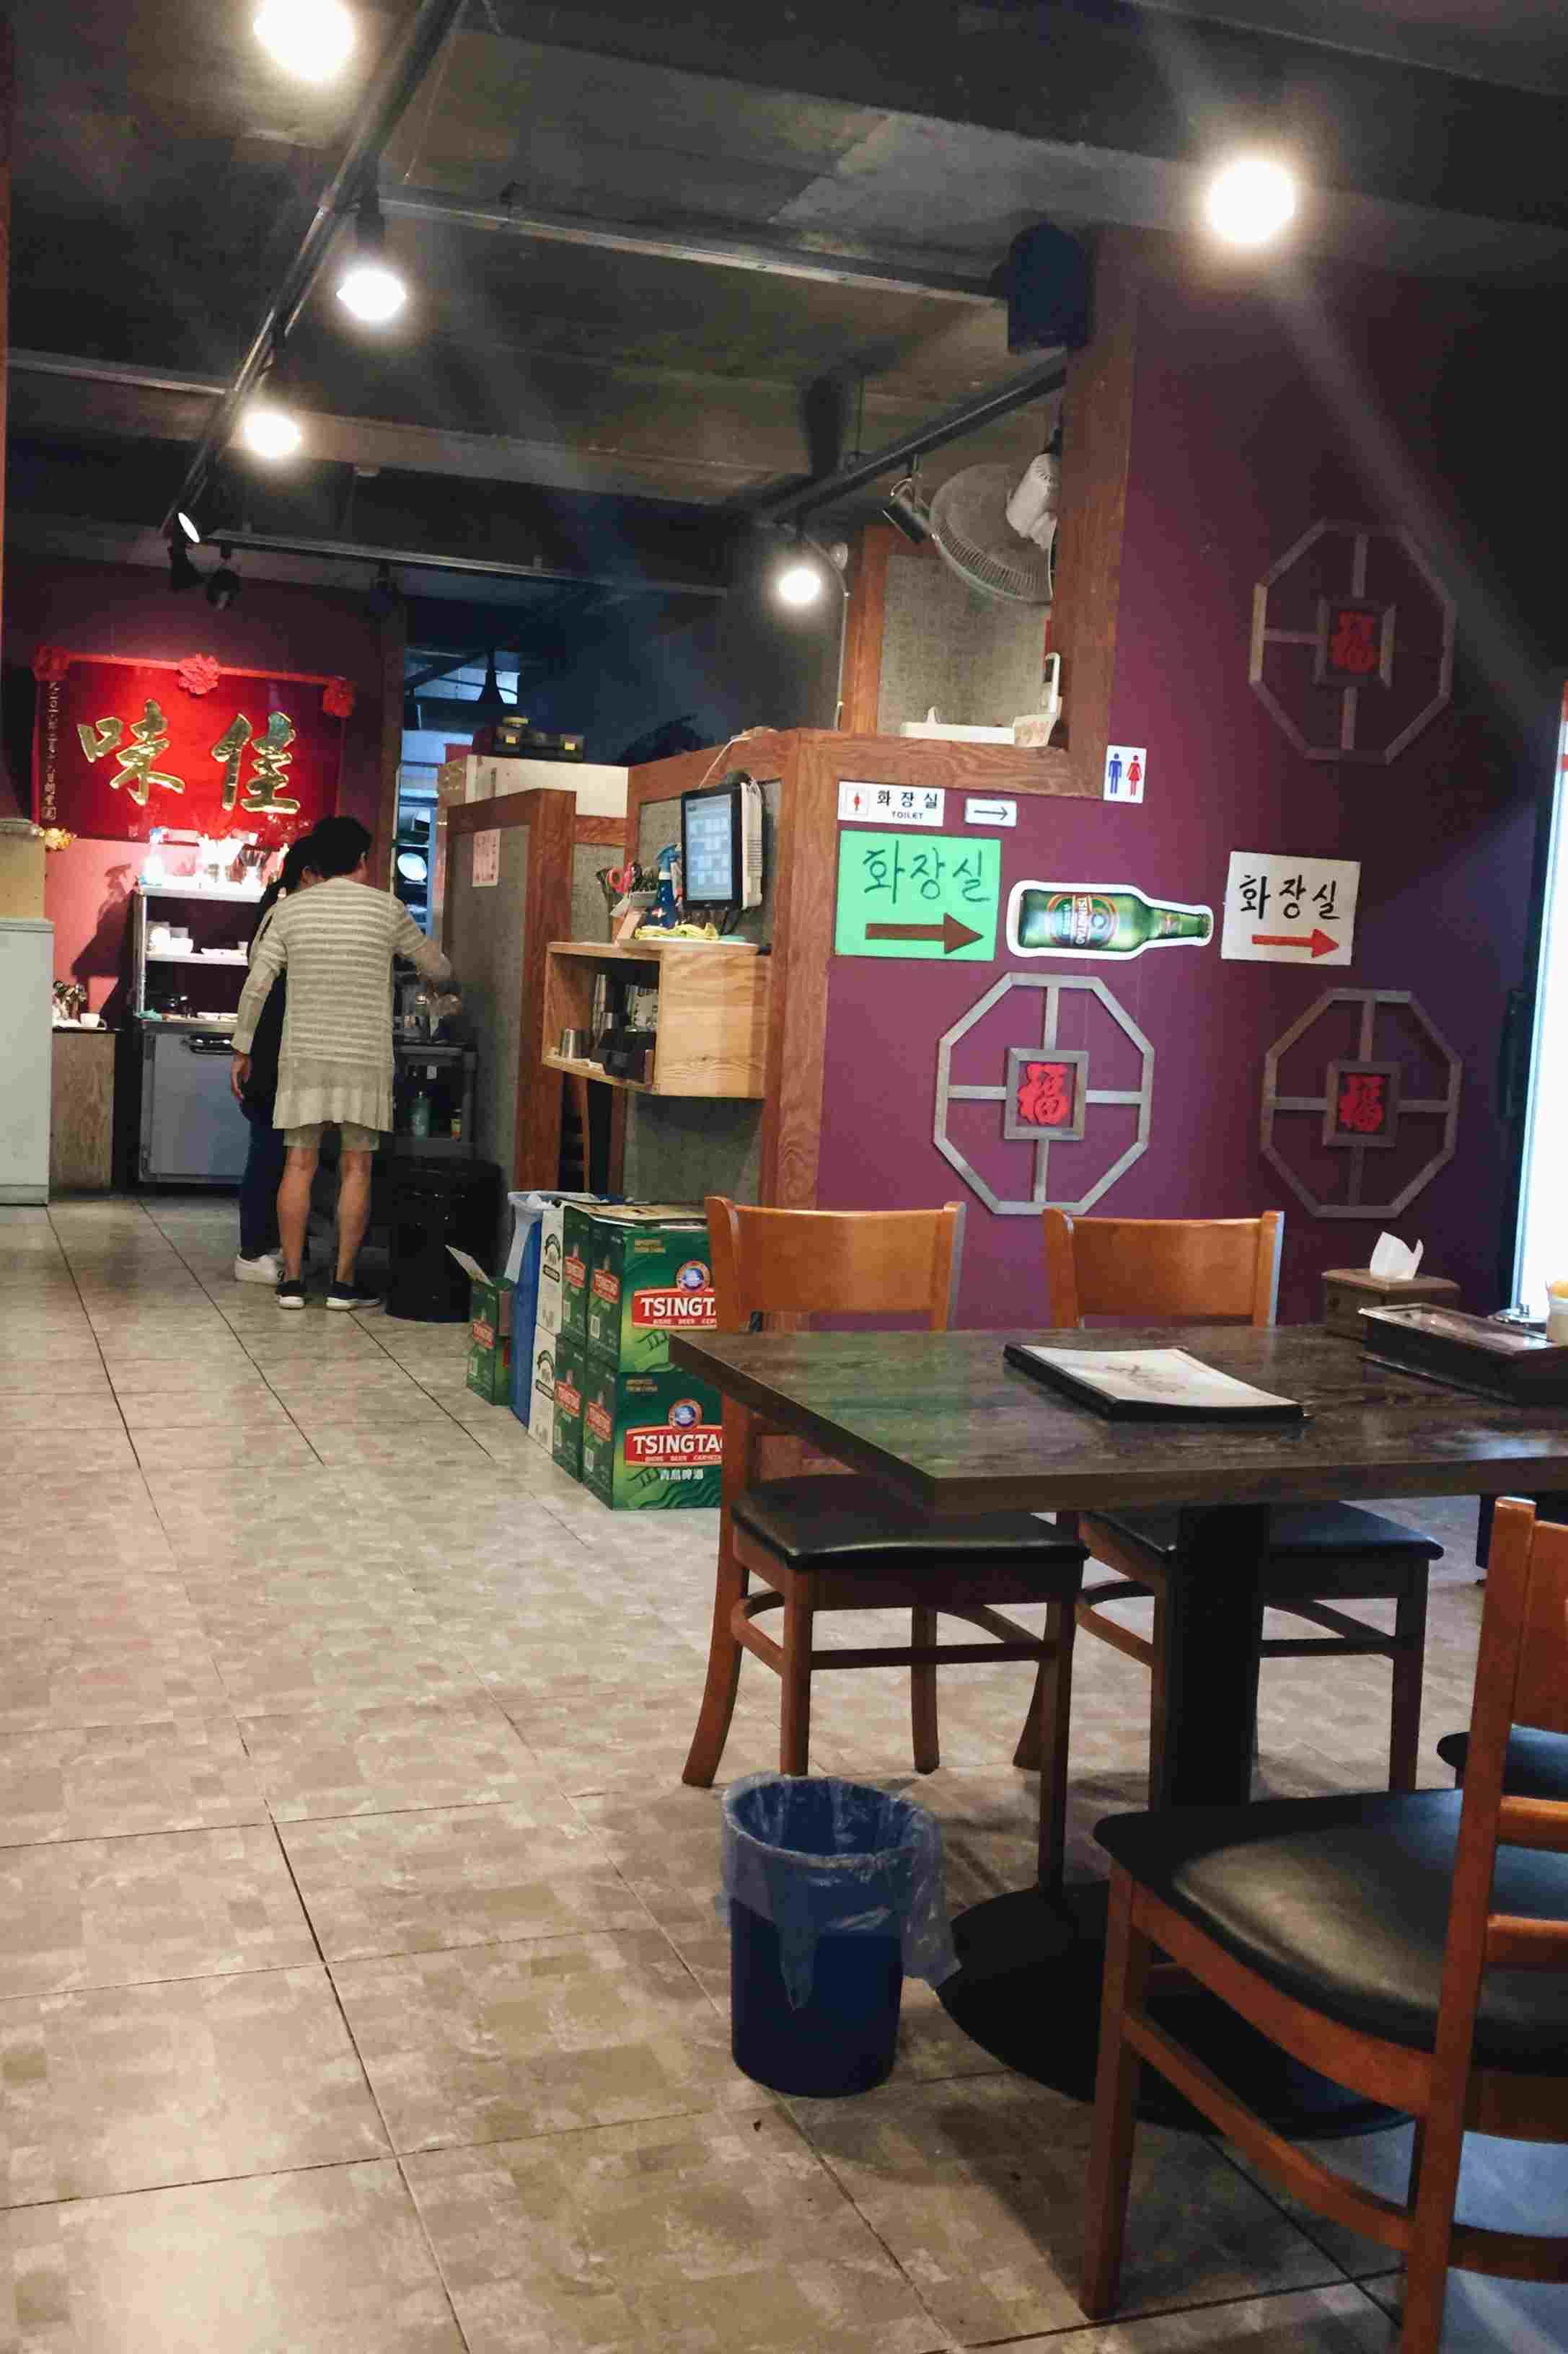 這間鄉味本來的名字叫佳味,店裡面還掛著以前的招牌,整個店面的感覺很像台南一些幾十年老店的復古風格